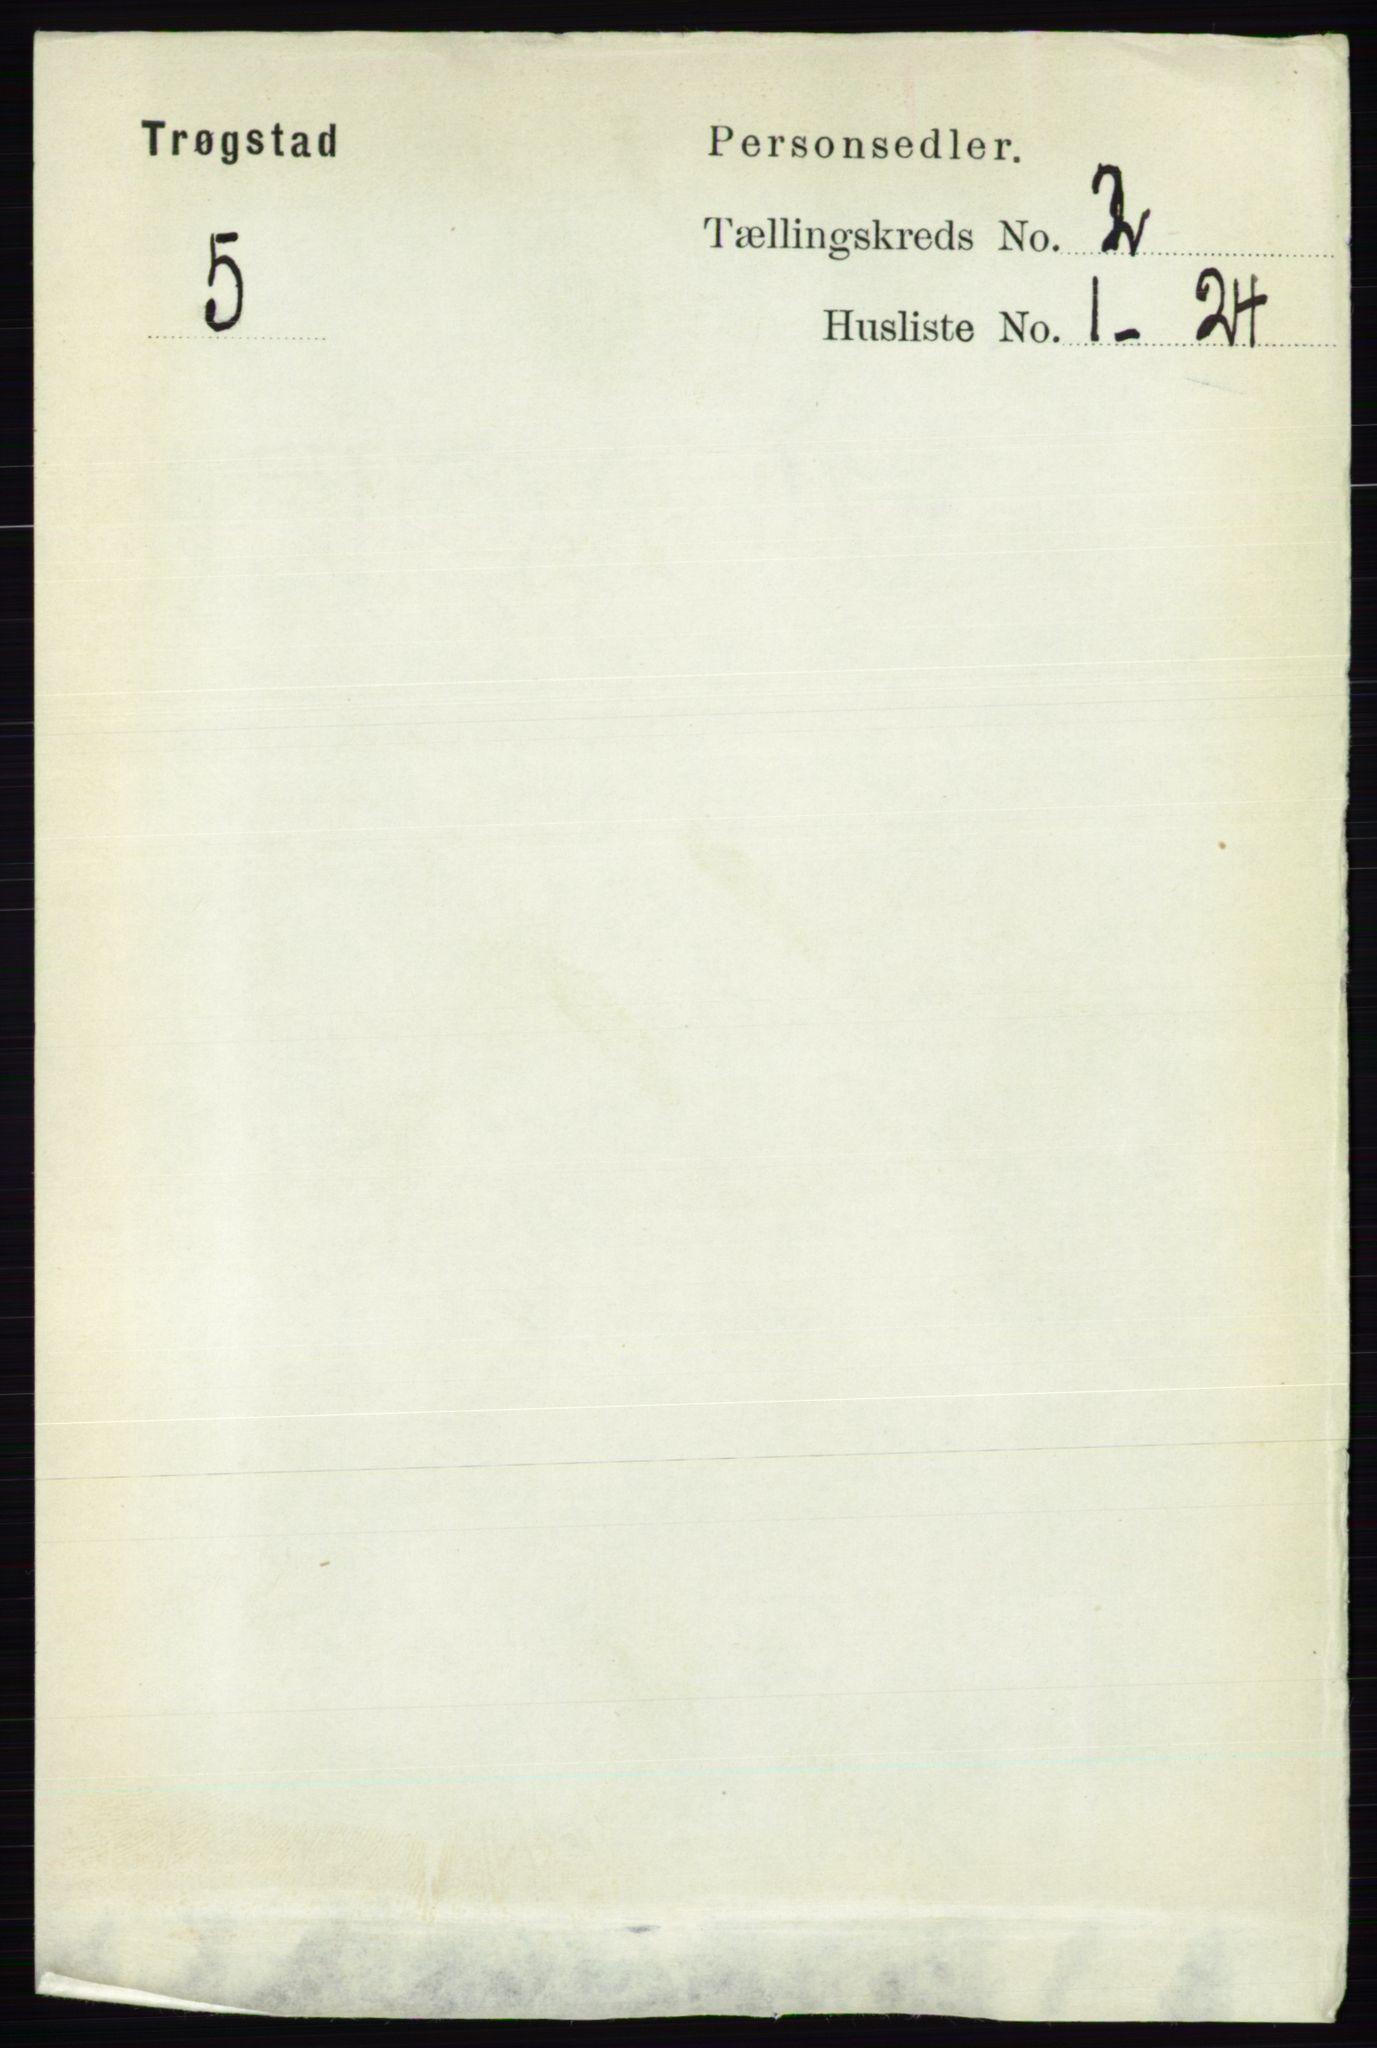 RA, Folketelling 1891 for 0122 Trøgstad herred, 1891, s. 547